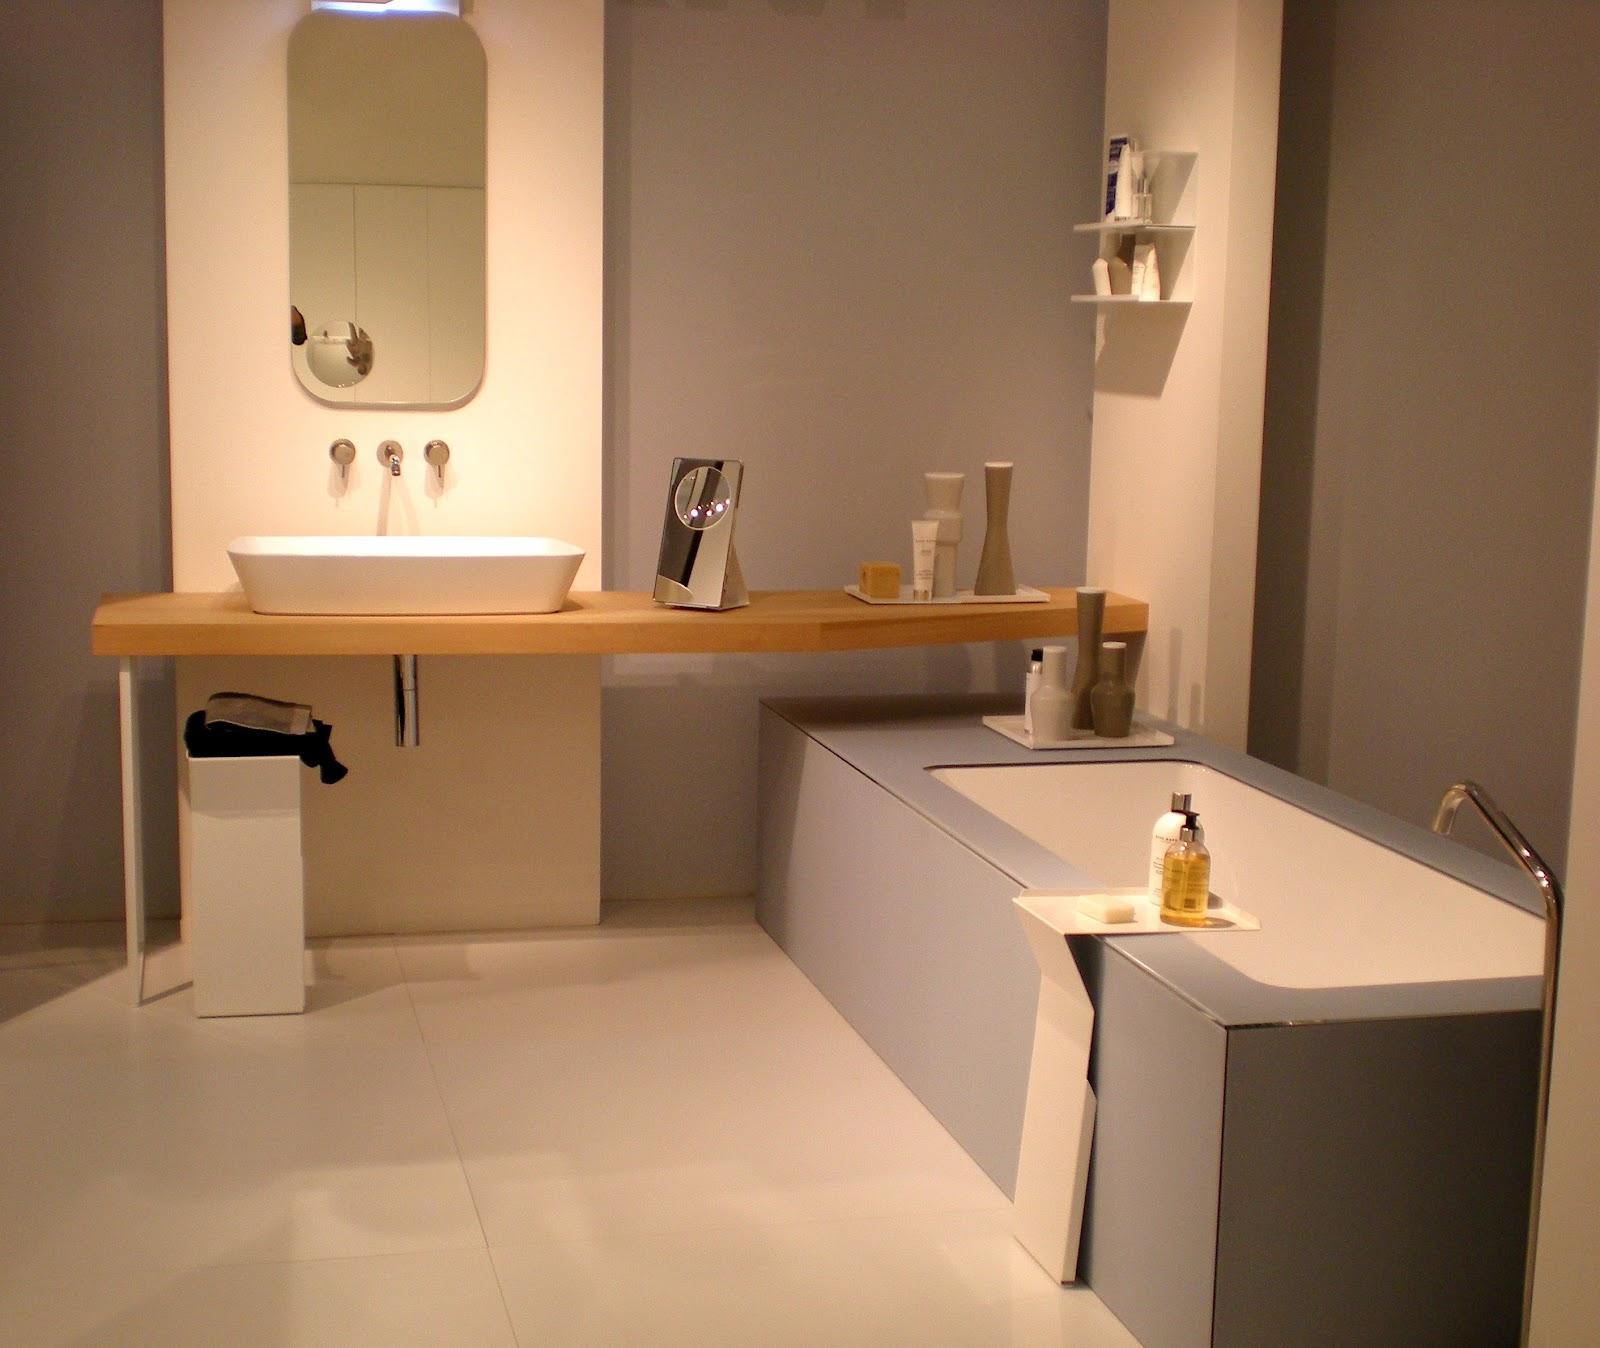 Ottobre 2012 blog arredamento part 7 - Altezza rivestimenti bagno ...